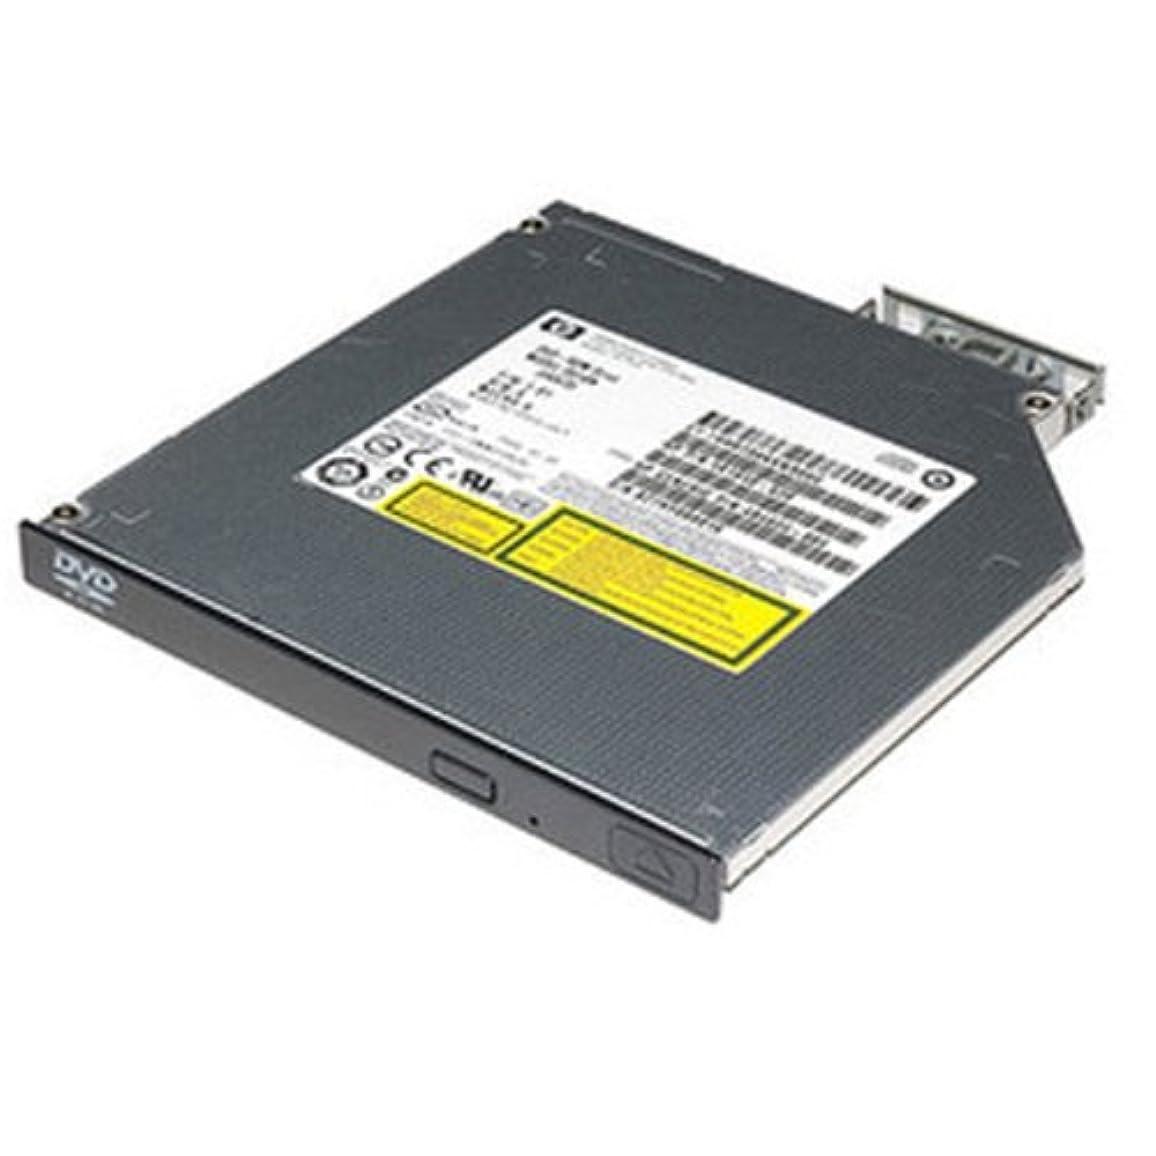 気球ハード可能にするHP 481047-B21 DVD-ROM Drive 8X SATA Disques Dur Serial ATA